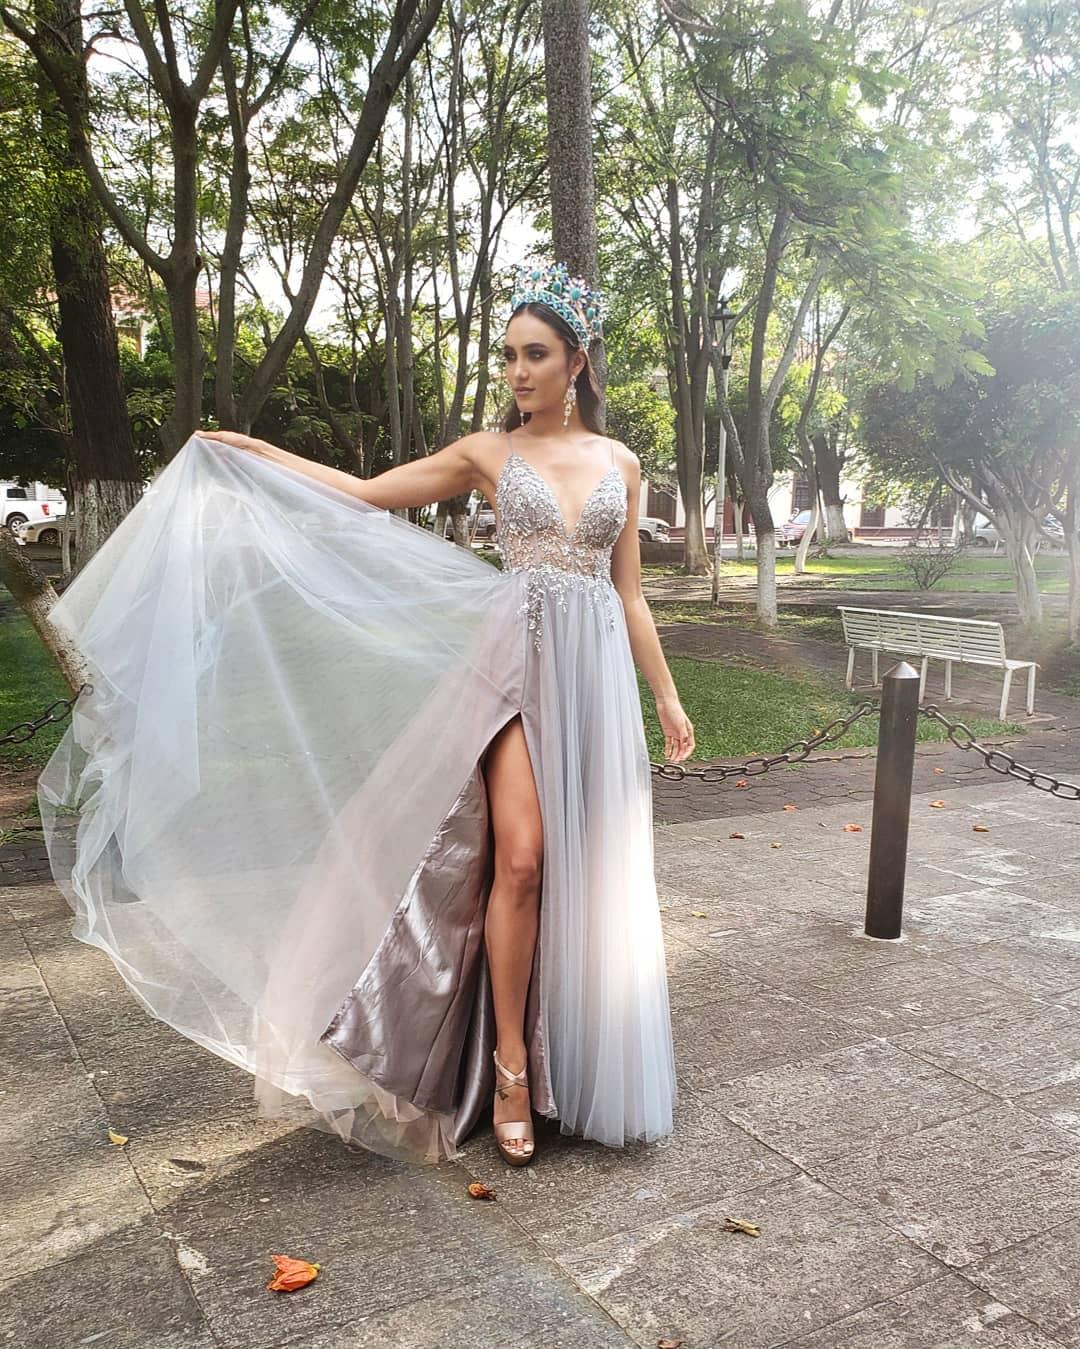 karolina vidales, candidata a miss mexico 2020, representando michoacan. - Página 6 71806810